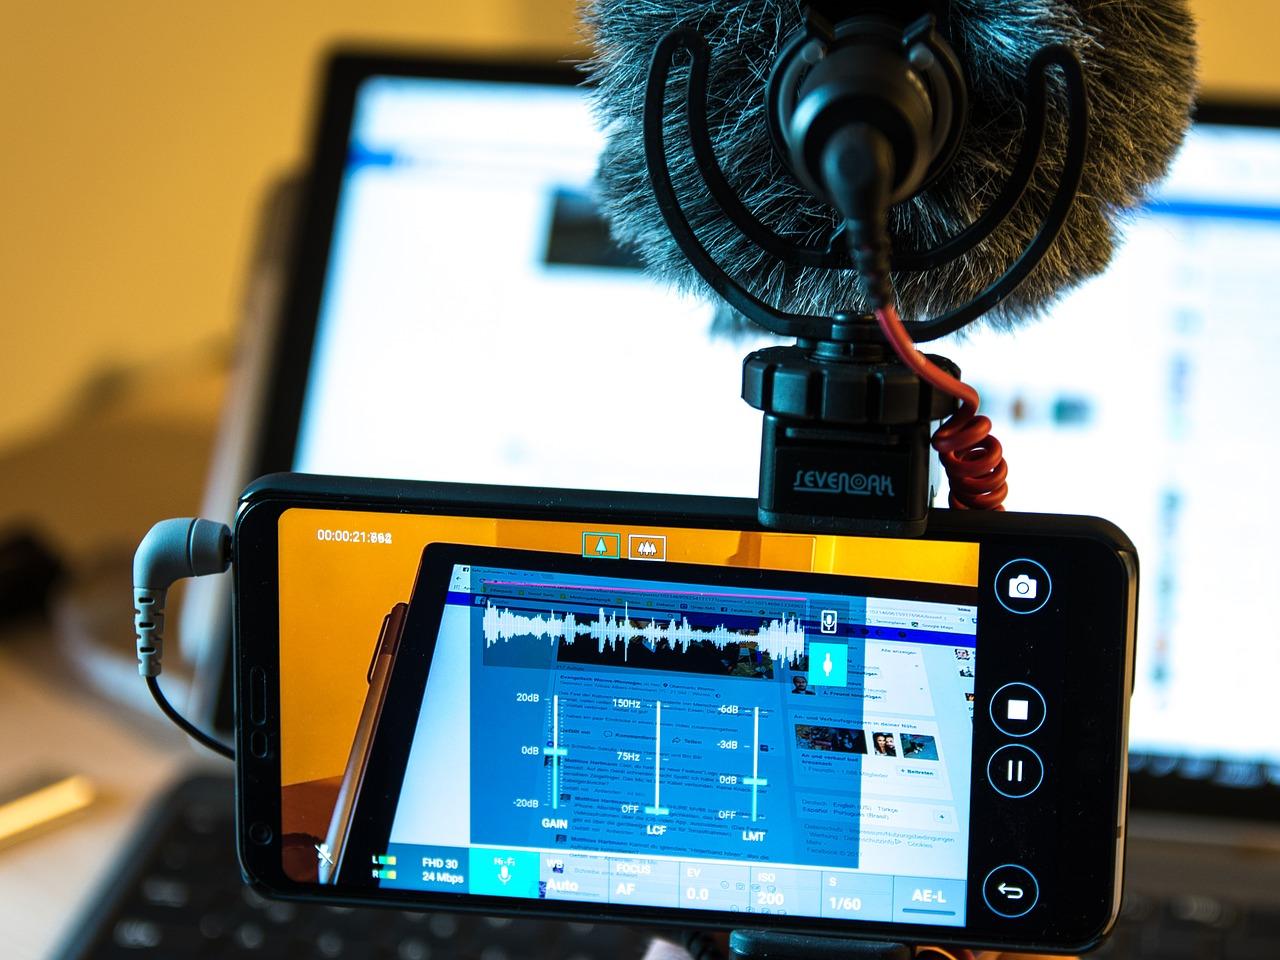 15 dicas para gravar vídeos no celular